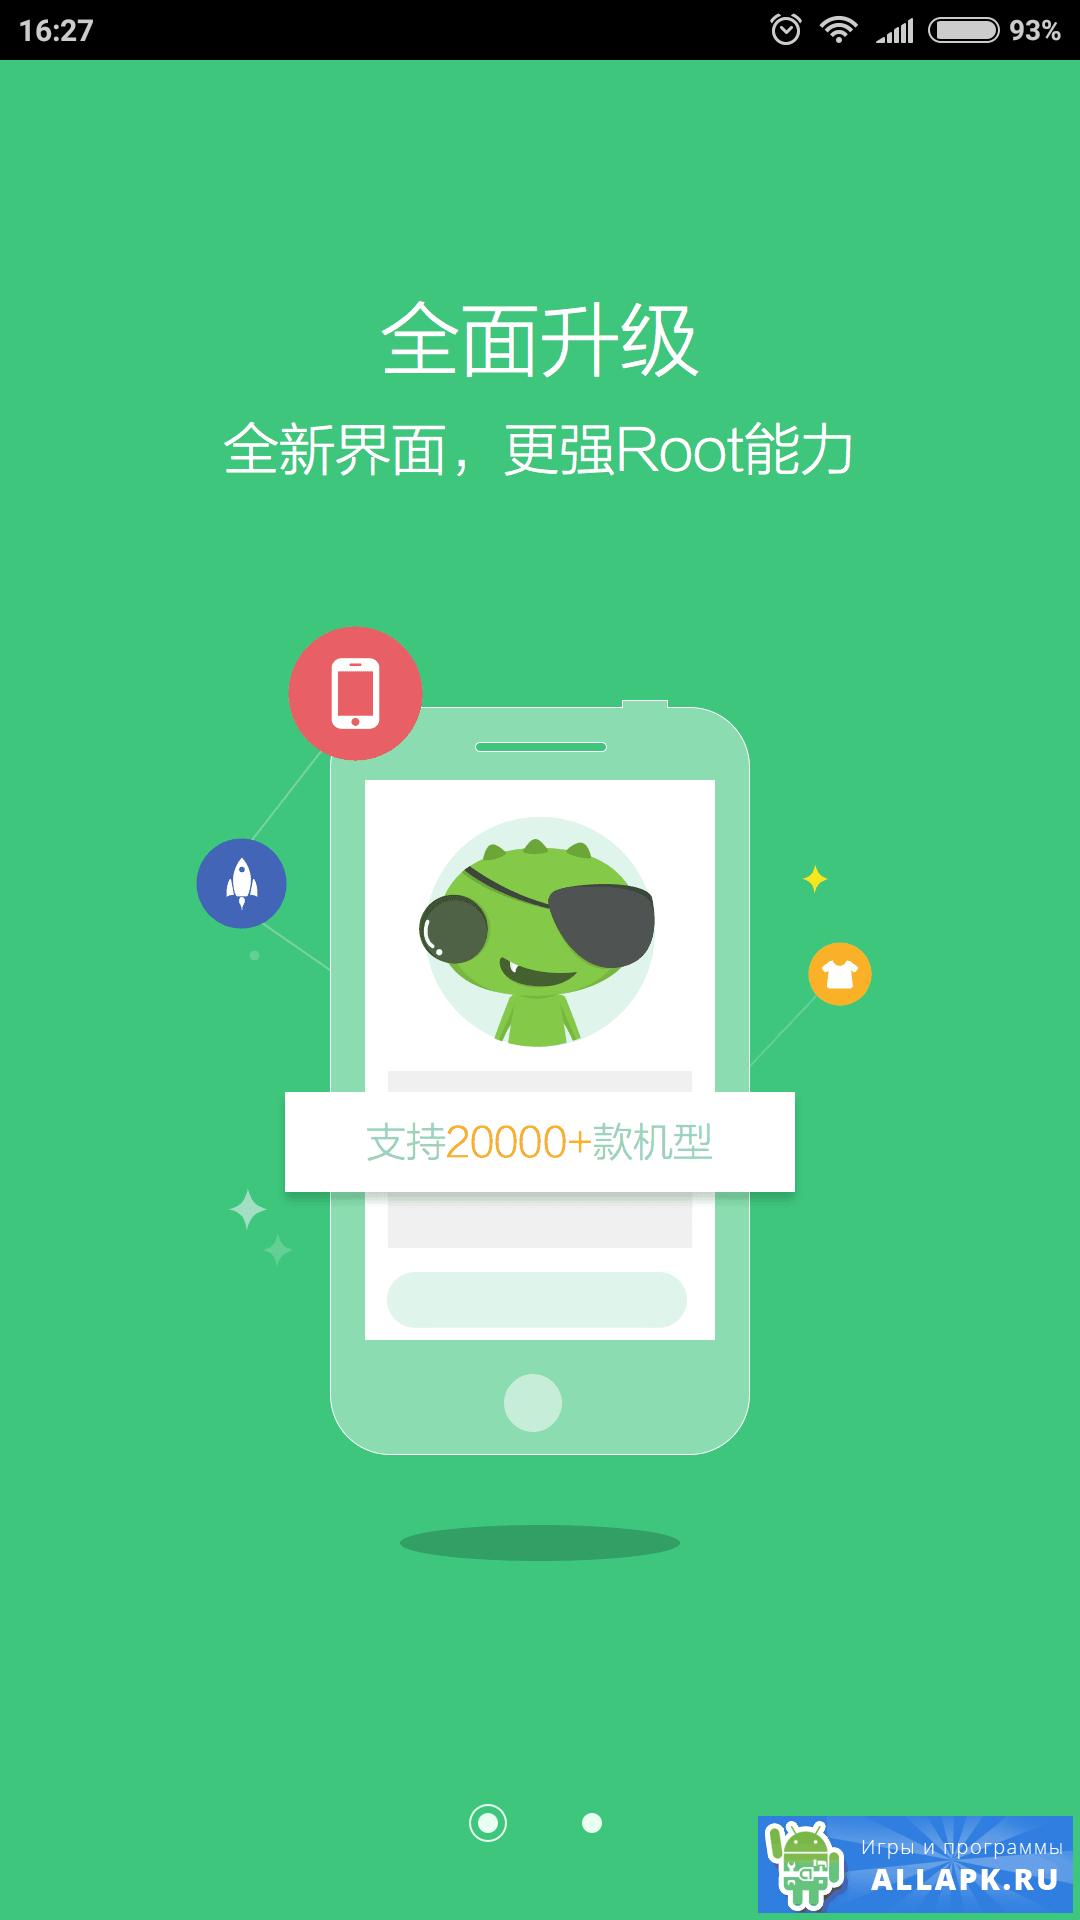 Скачать китайскую программу 360 root